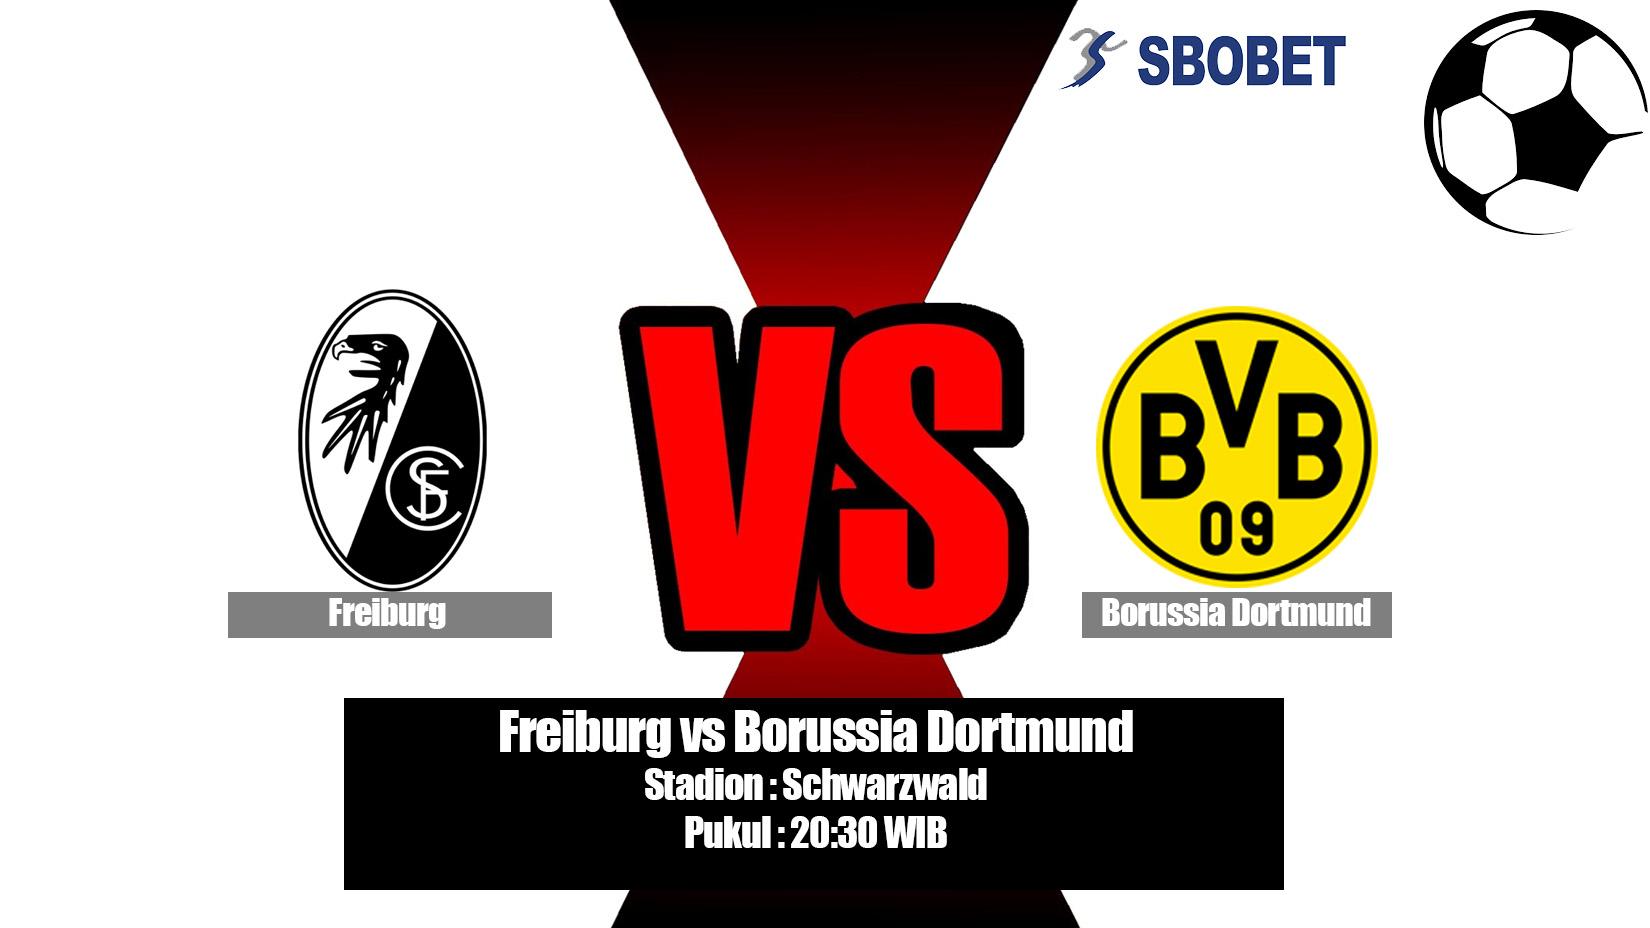 Prediksi Bola Freiburg vs Borussia Dortmund 21 April 2019